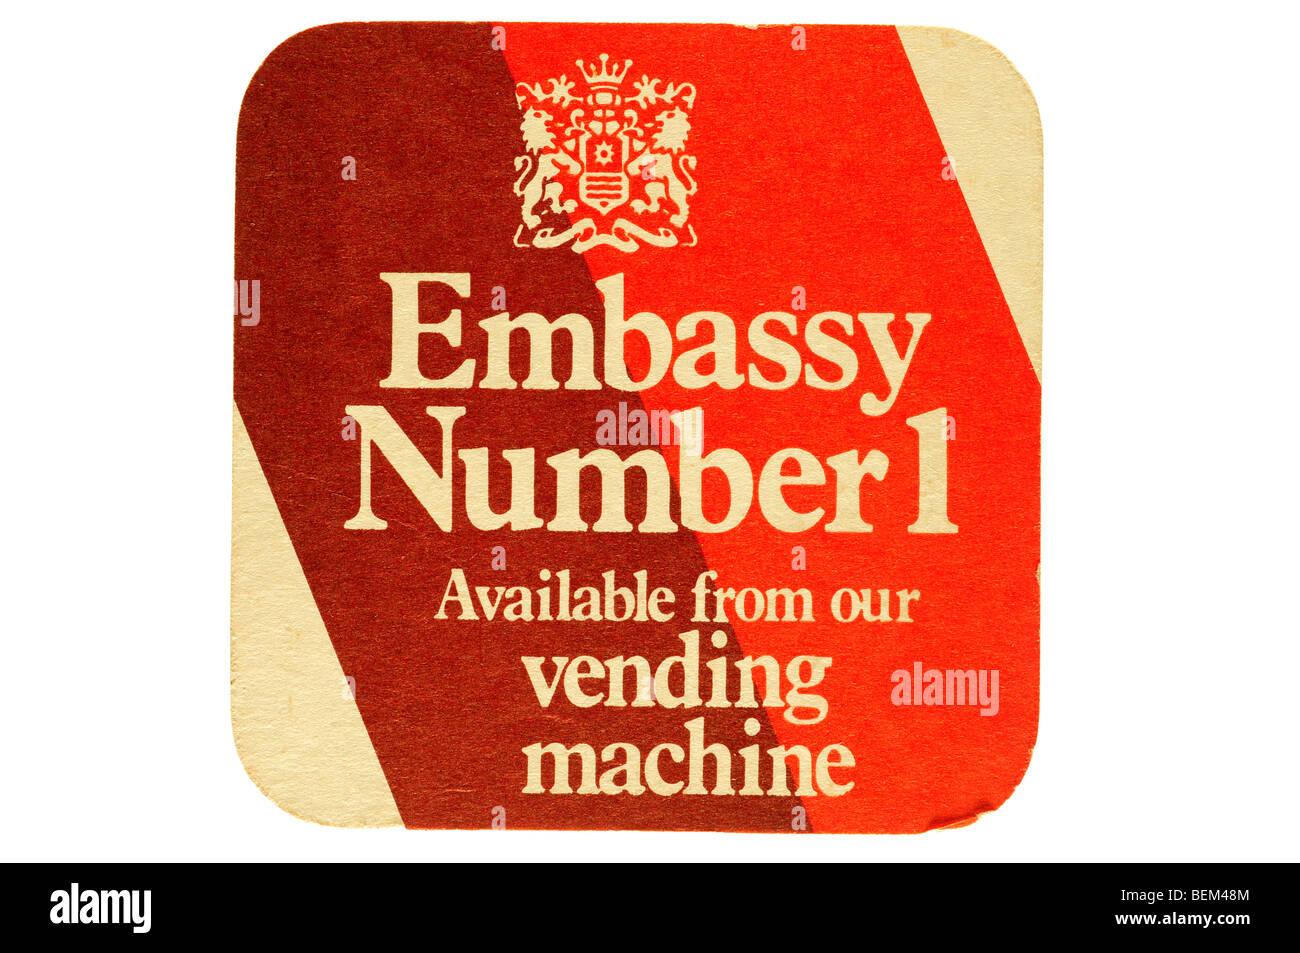 Embajada número 1 disponibles en nuestra máquina expendedora Imagen De Stock